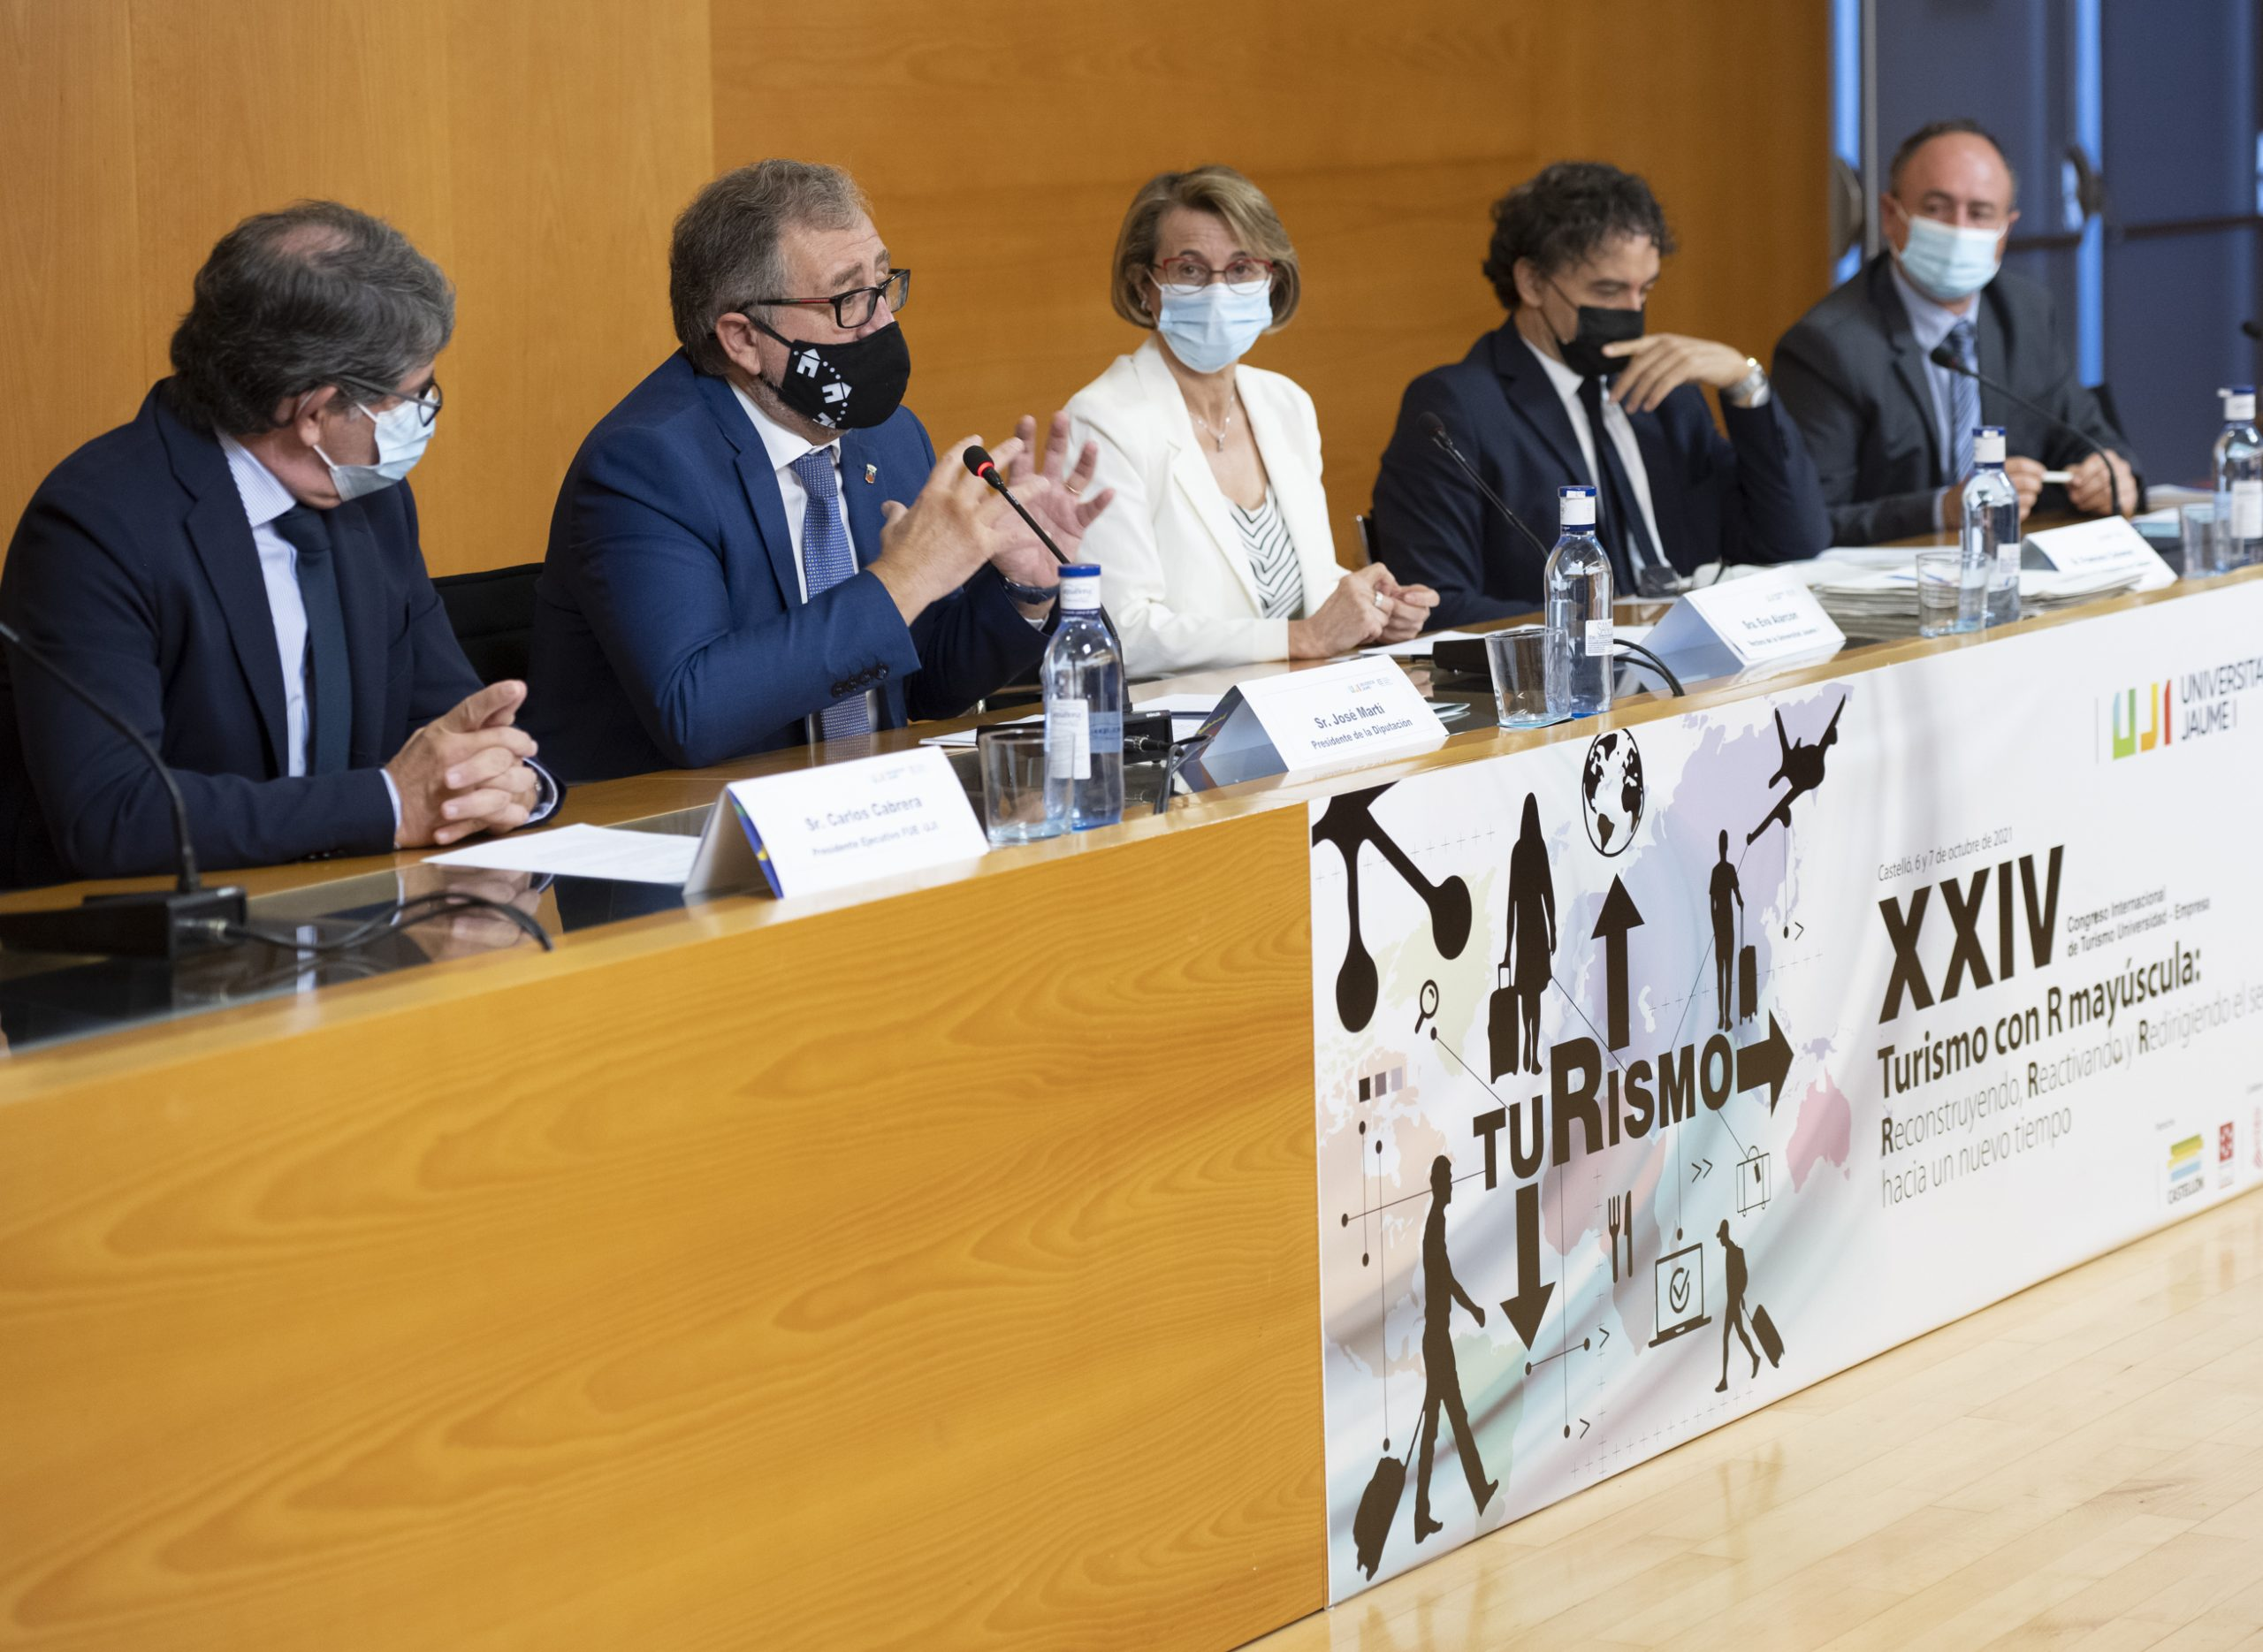 José Martí anima a los castellonenses a recorrer la provincia para descubrir sus joyas naturales y culturales y reactivar el sector turístico